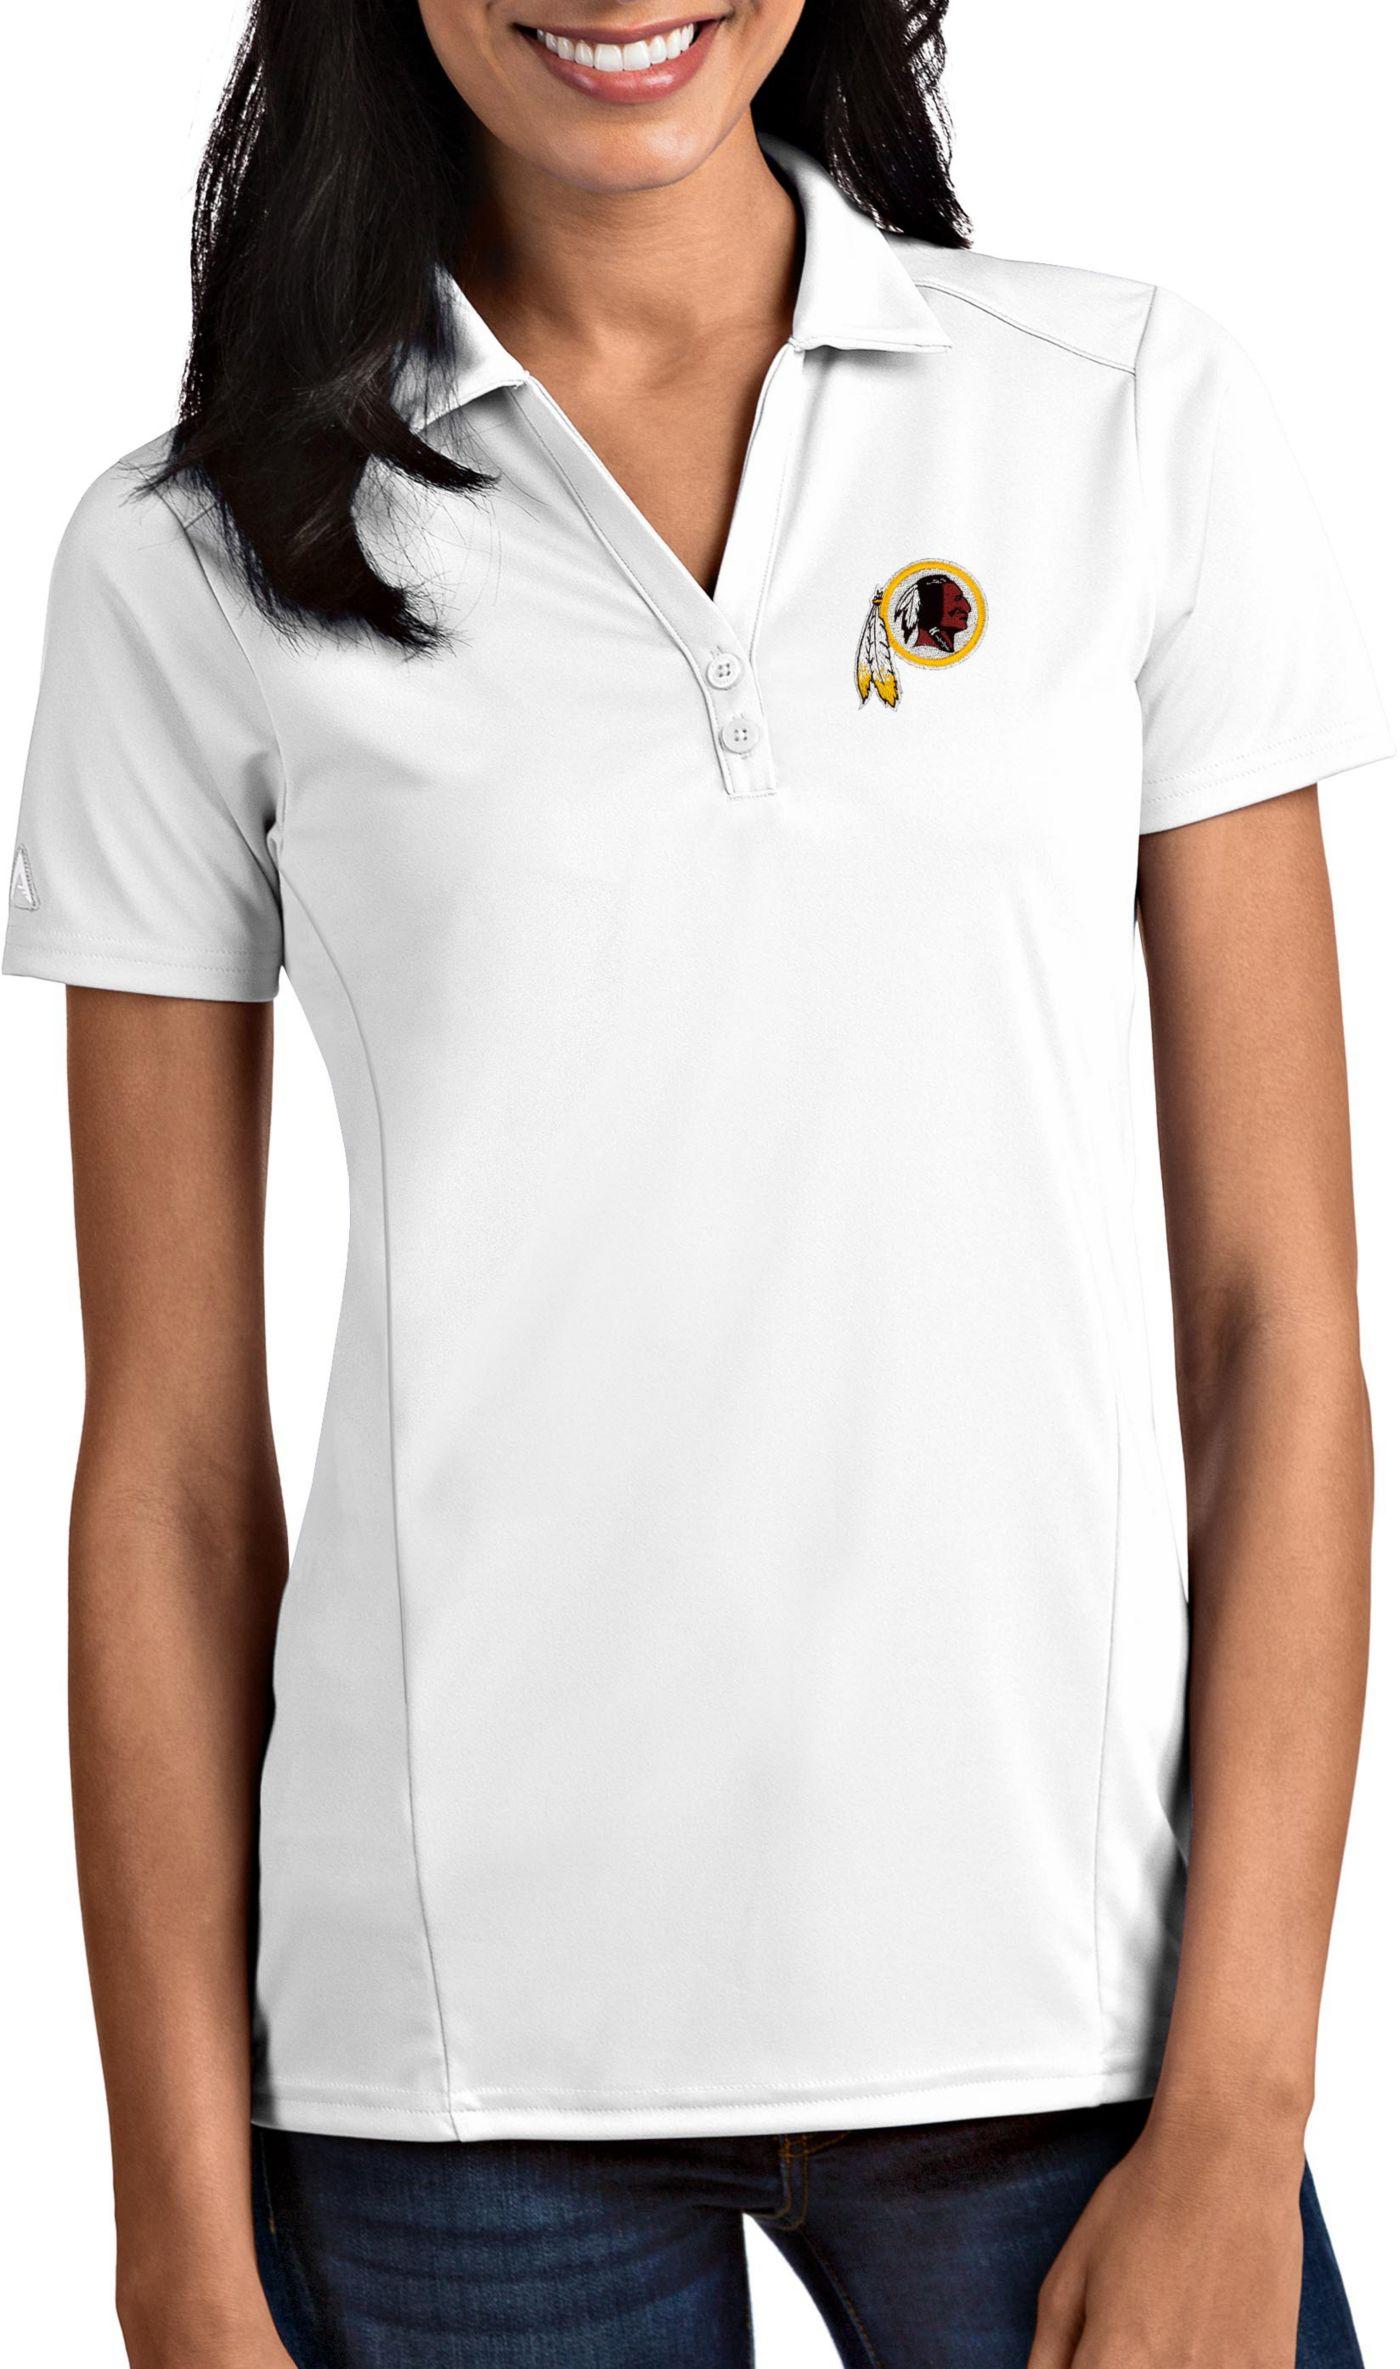 Antigua Women's Washington Redskins Tribute White Polo